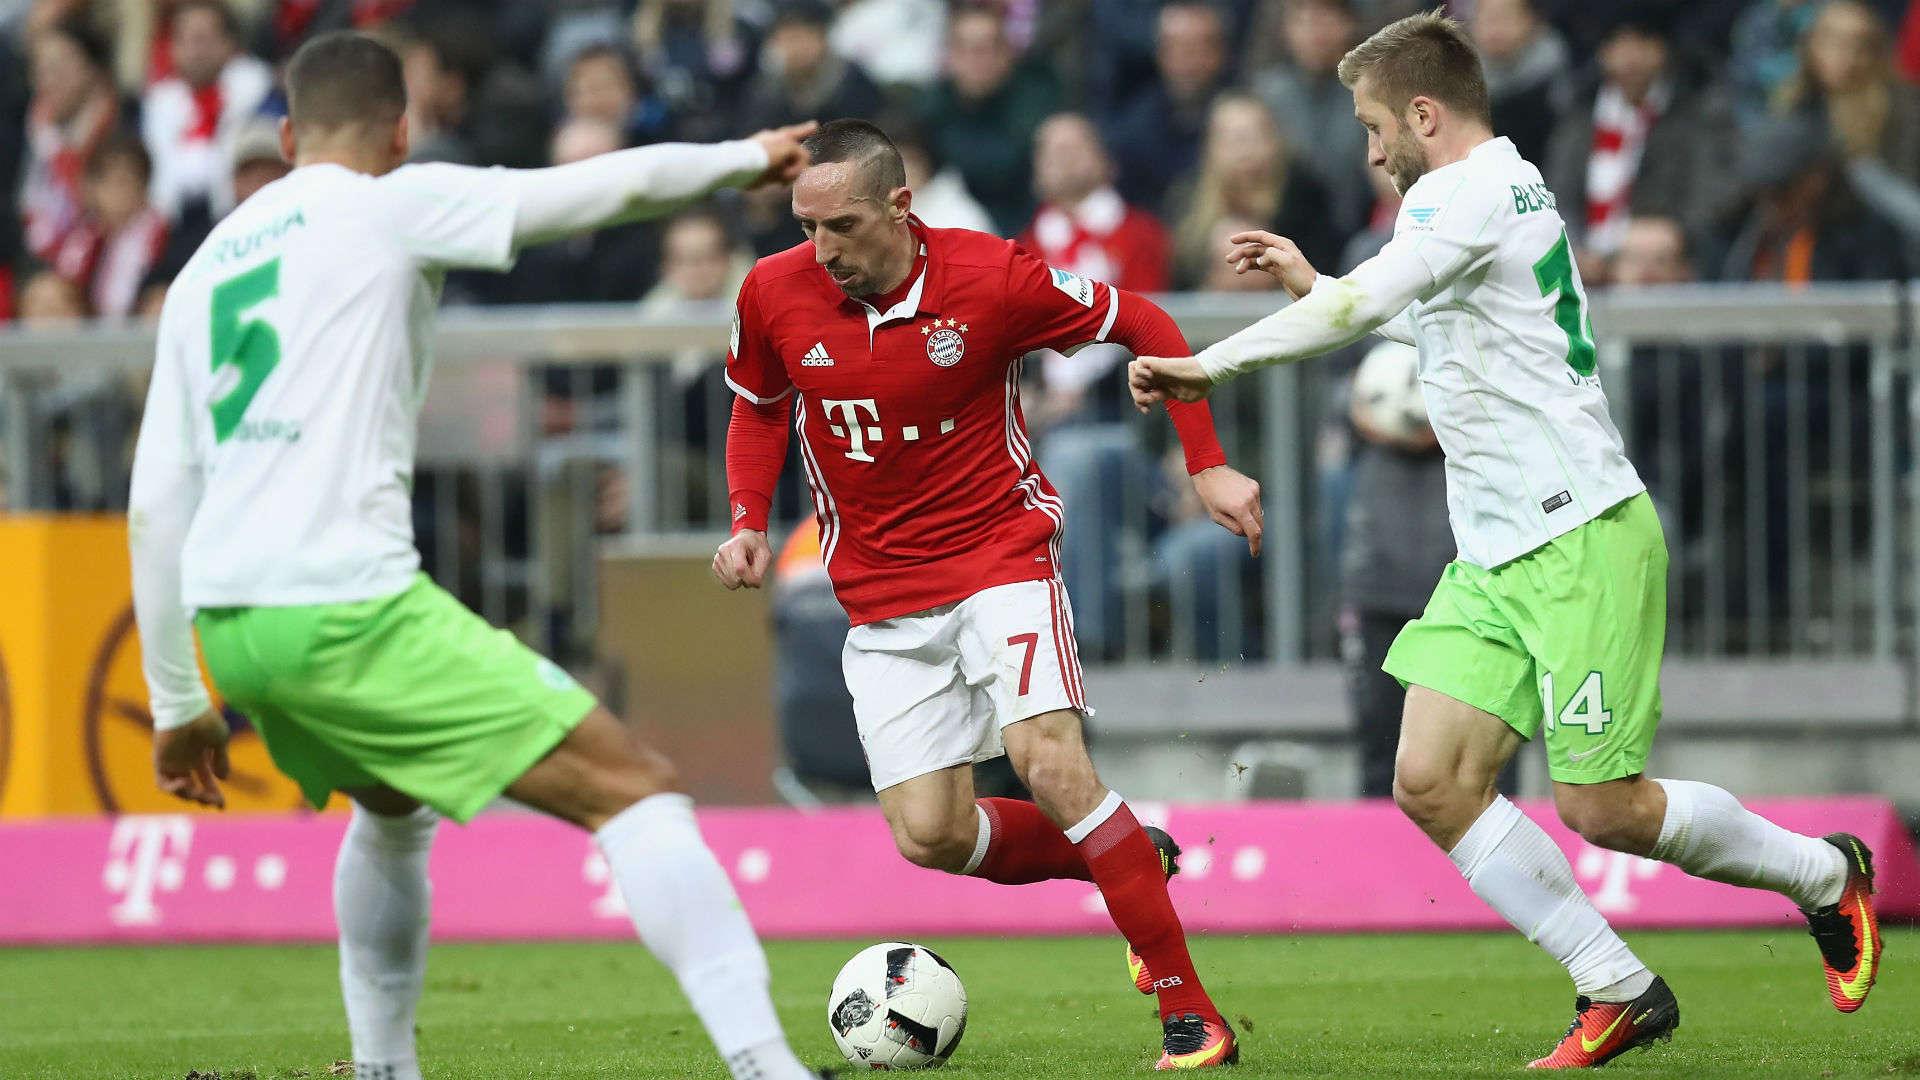 Bayern vs Wolfsburg ngày 23/9/2017 giải vô địch Bundesliga